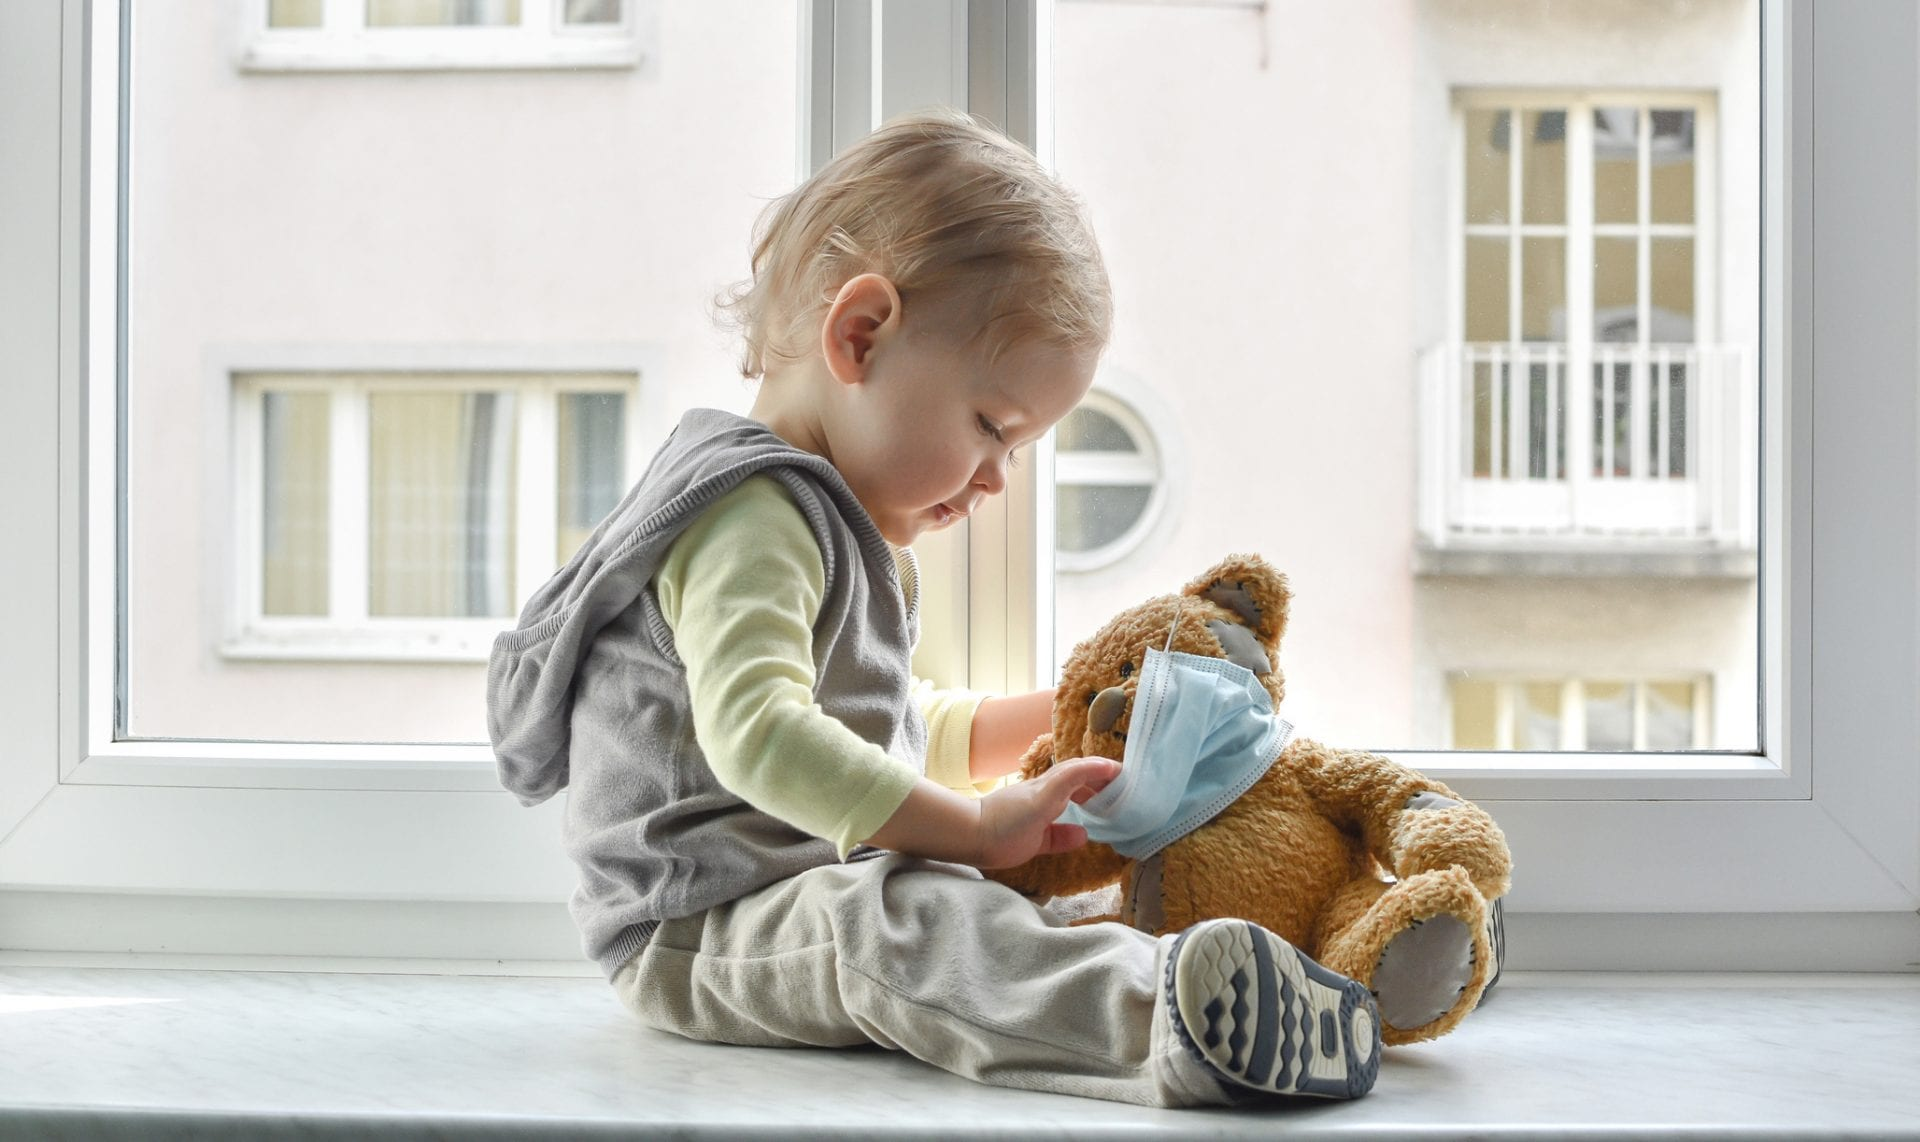 do teddy bears have an educational value